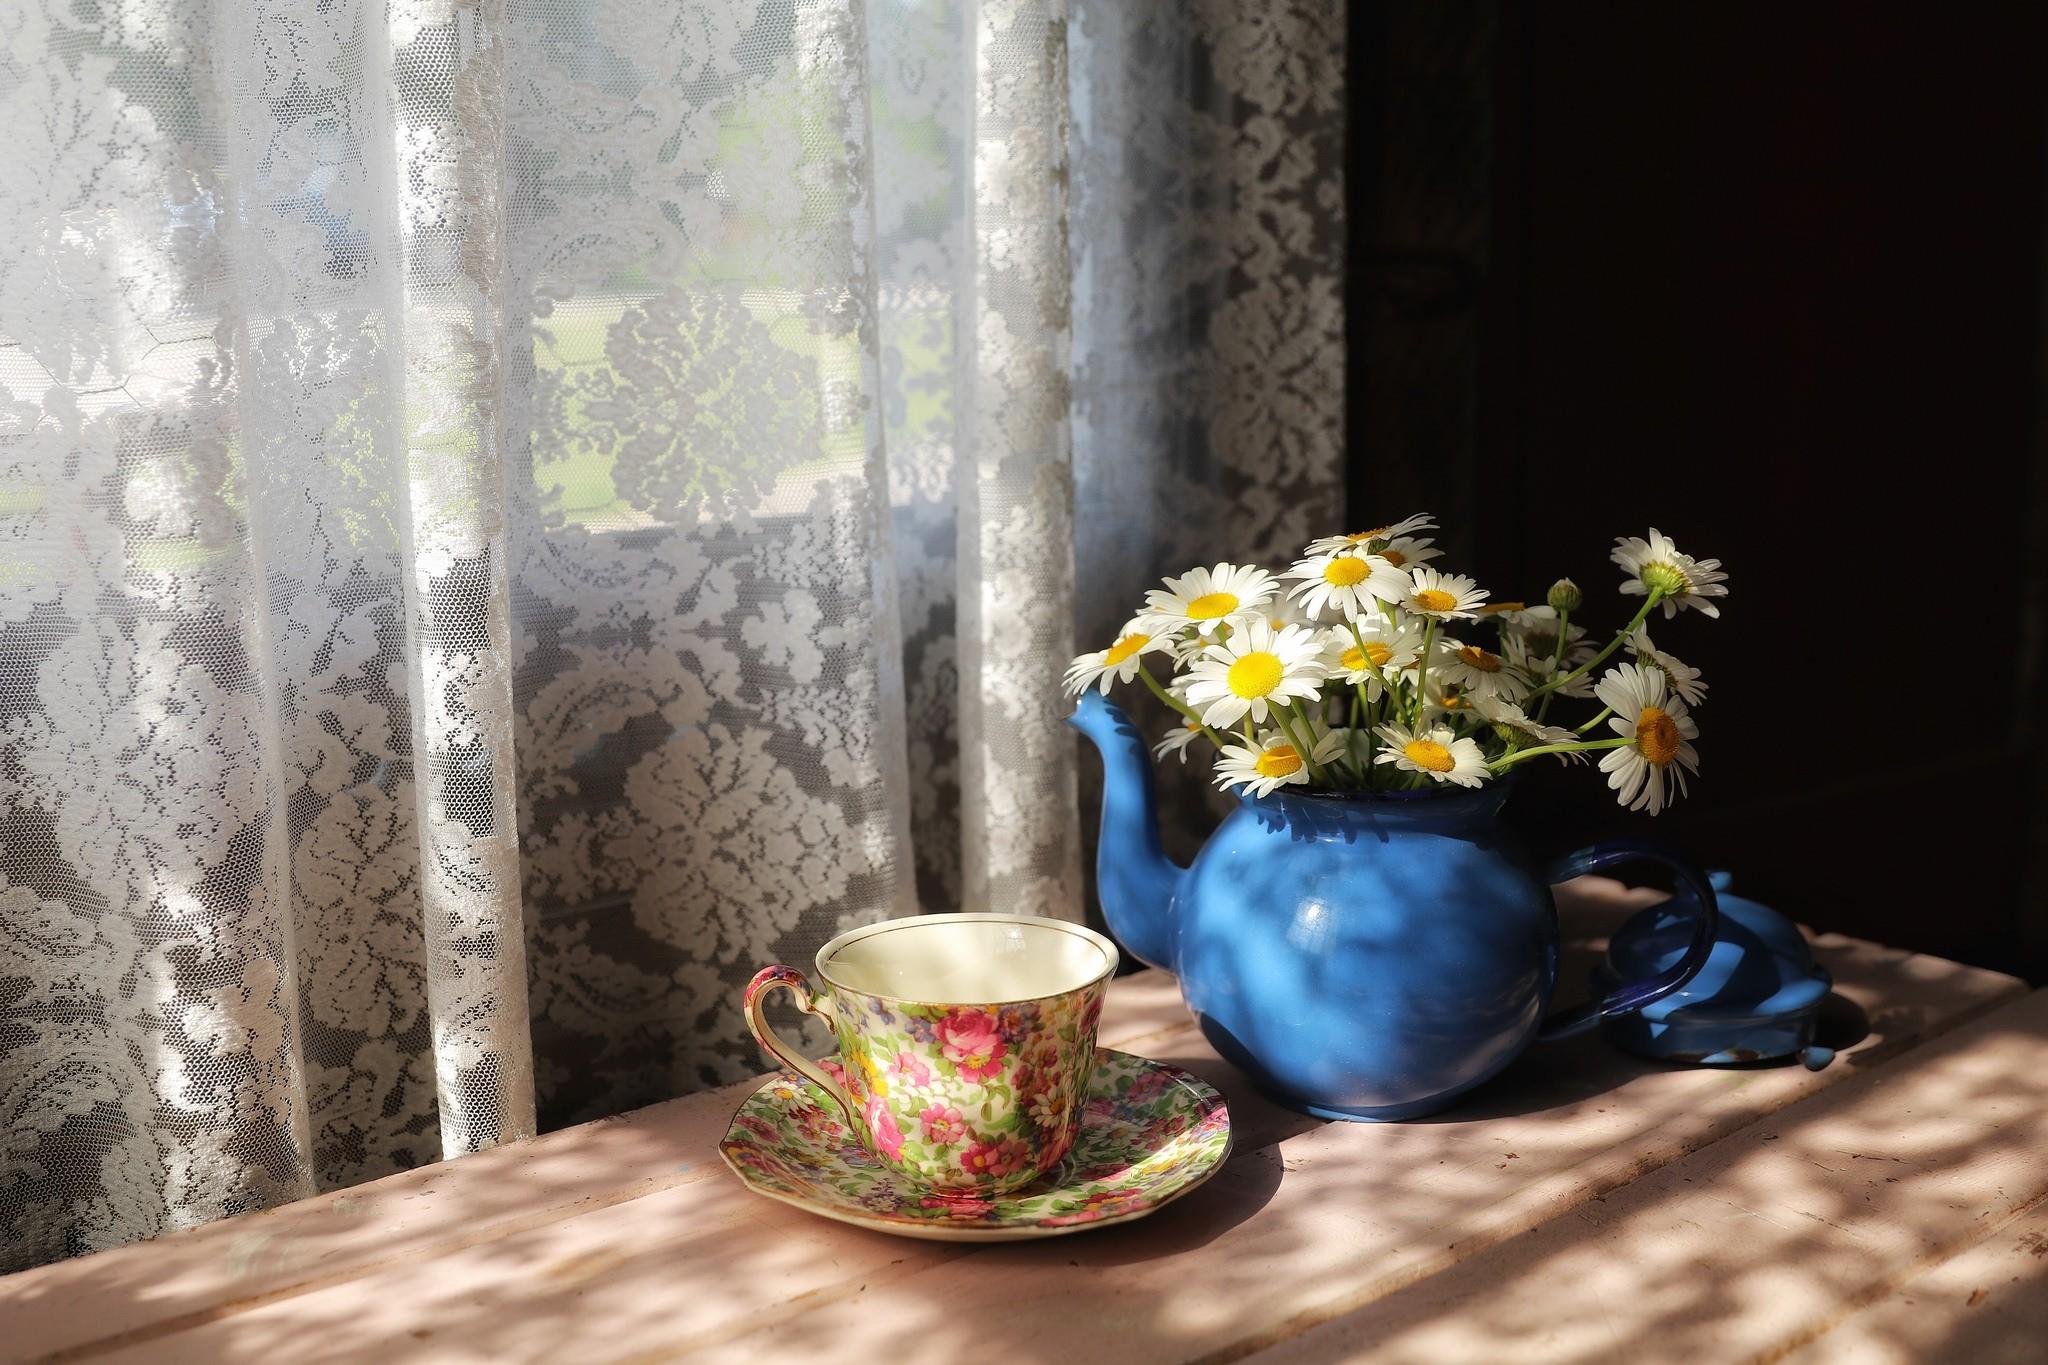 Masaustu Boyama Pencere Cicekler Sari Perde Fincan Bahar